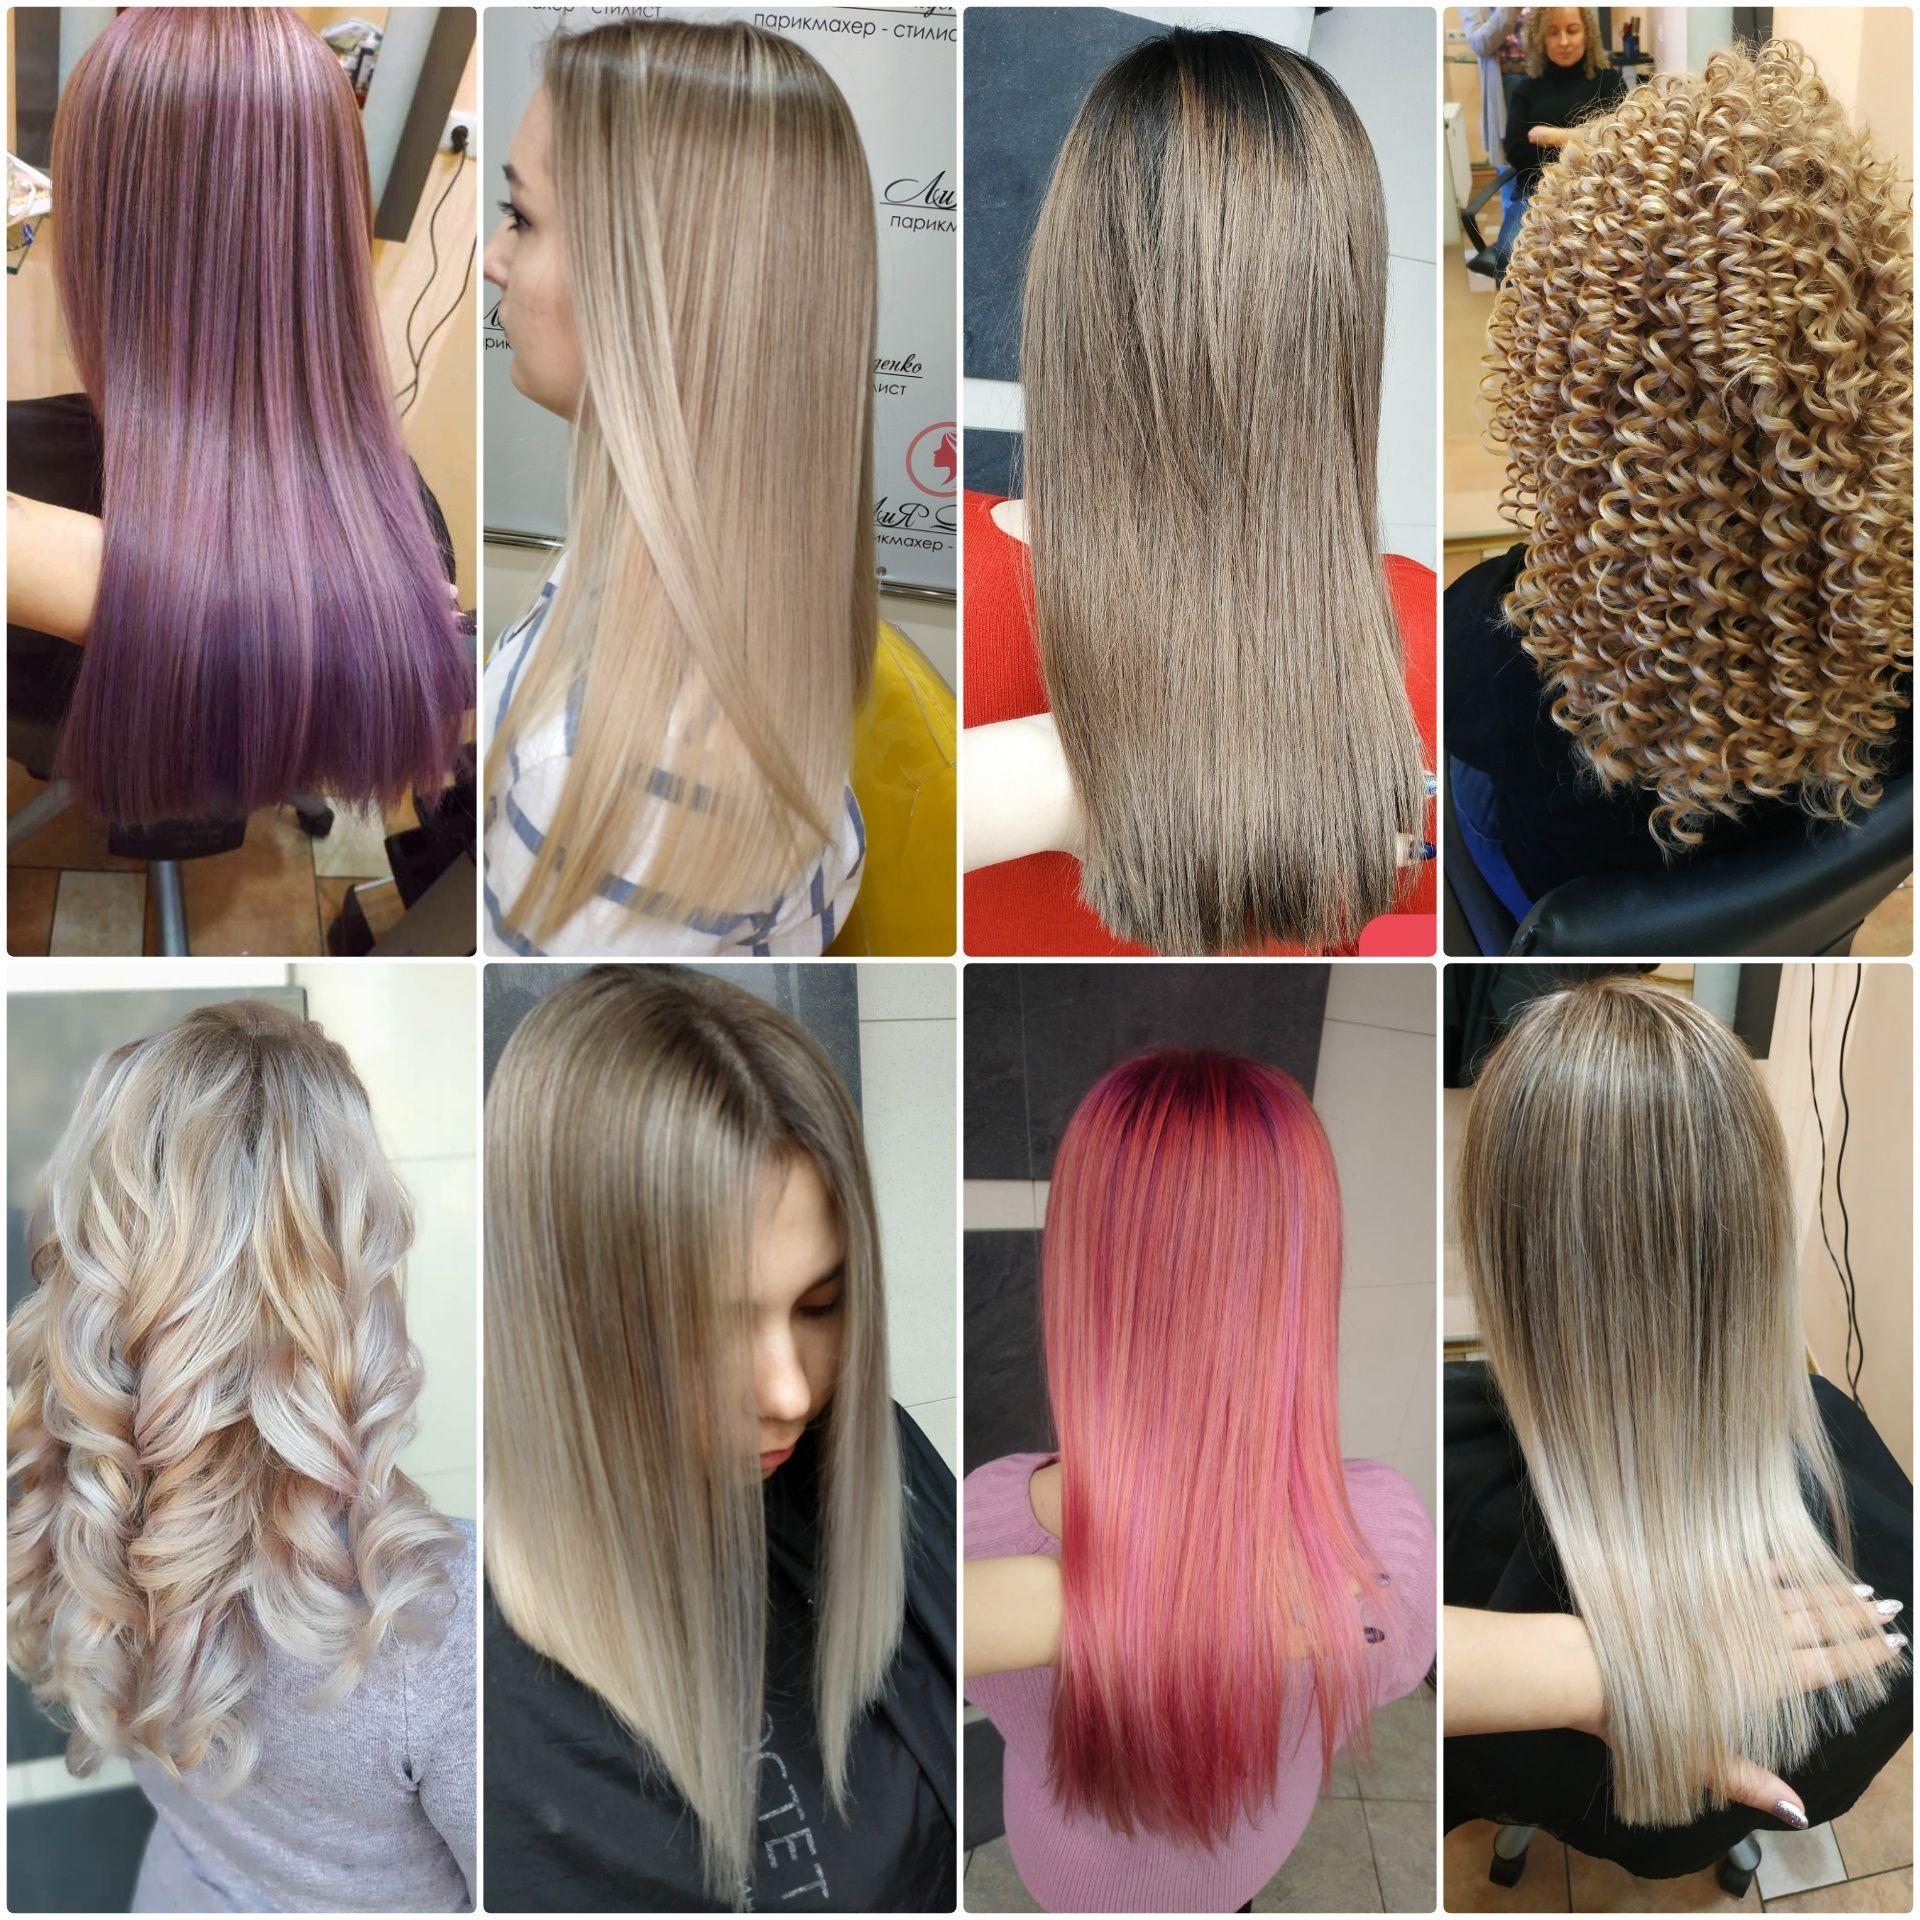 Прически,локоны,окрашивание любой сложности,стрижки,ботокс волос